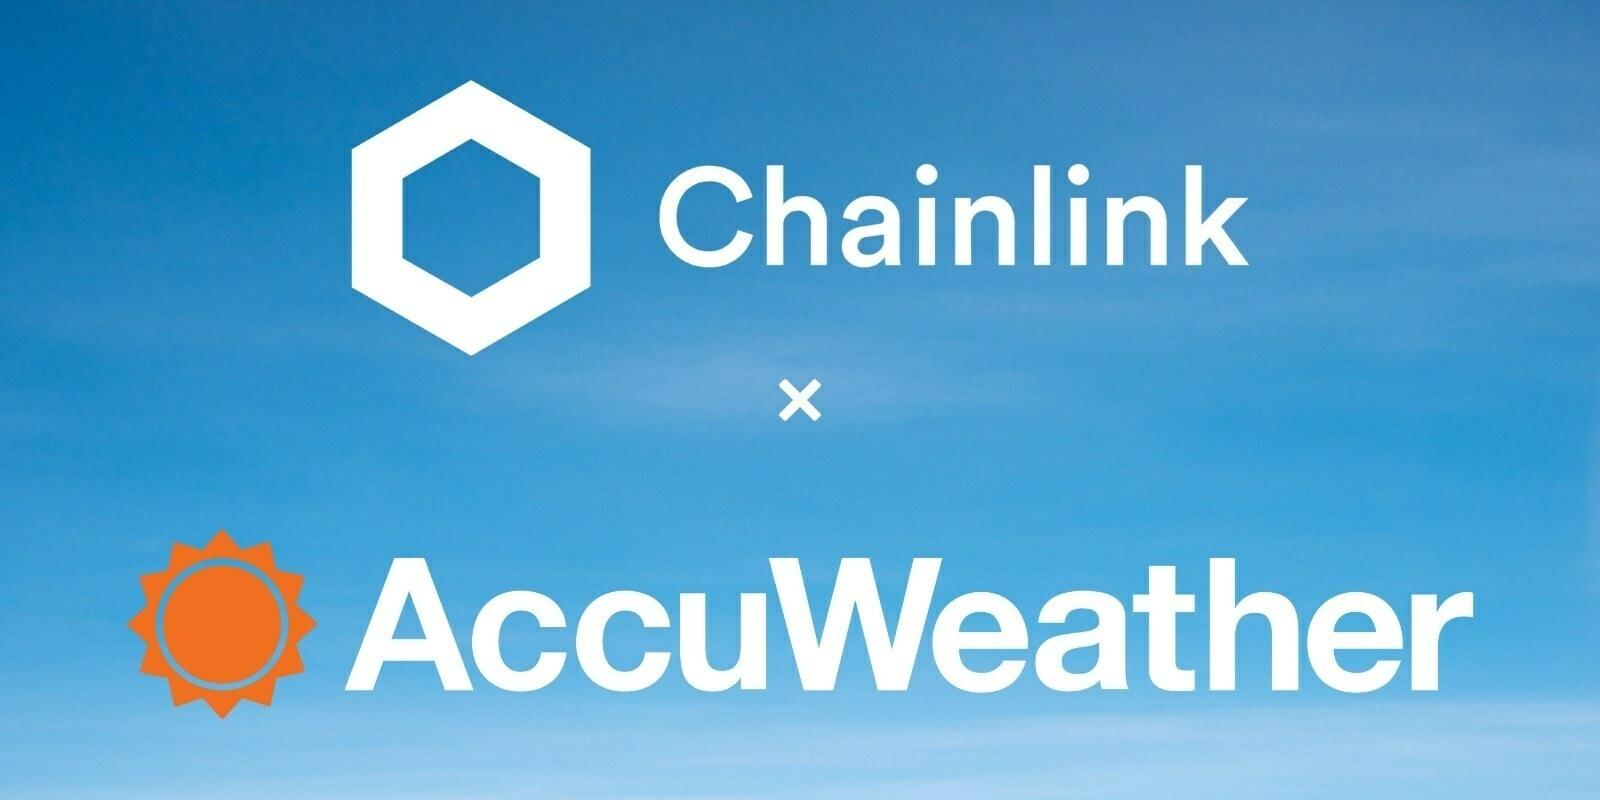 AccuWeather apporte ses données météorologiques à la blockchain en exploitant un nœud de Chainlink (LINK)